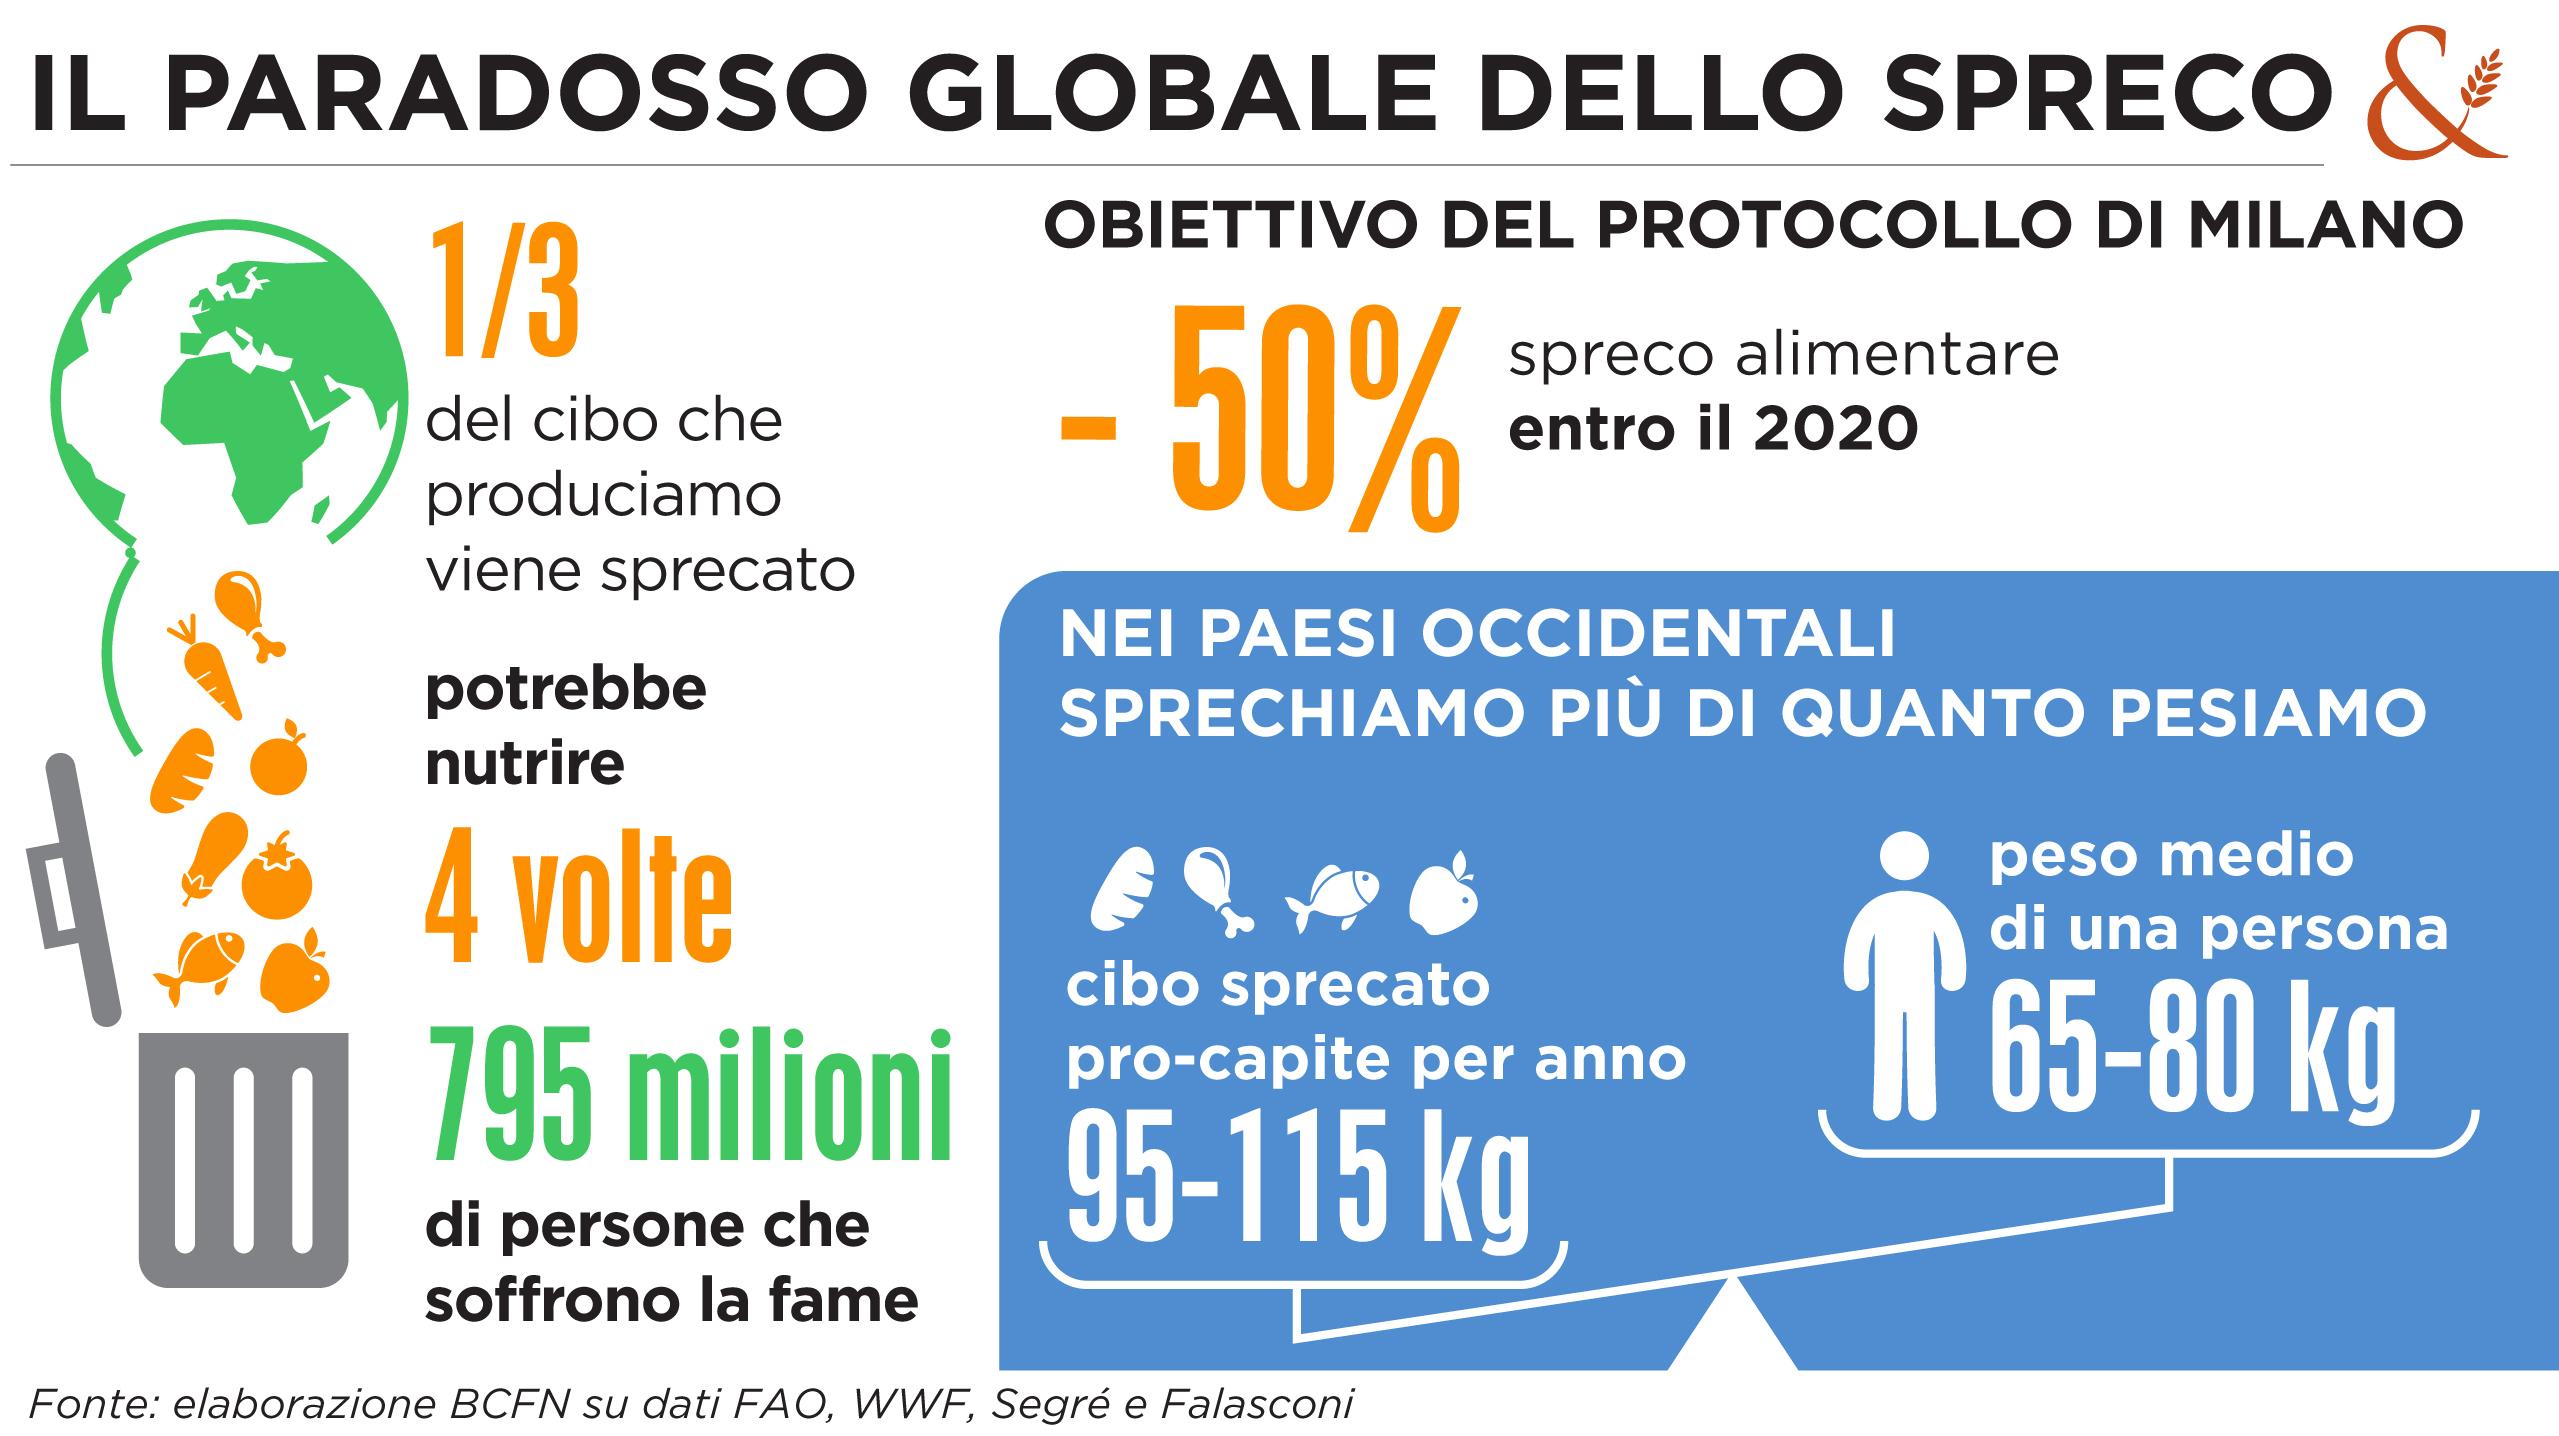 Giornata mondiale contro lo spreco alimentare 2018